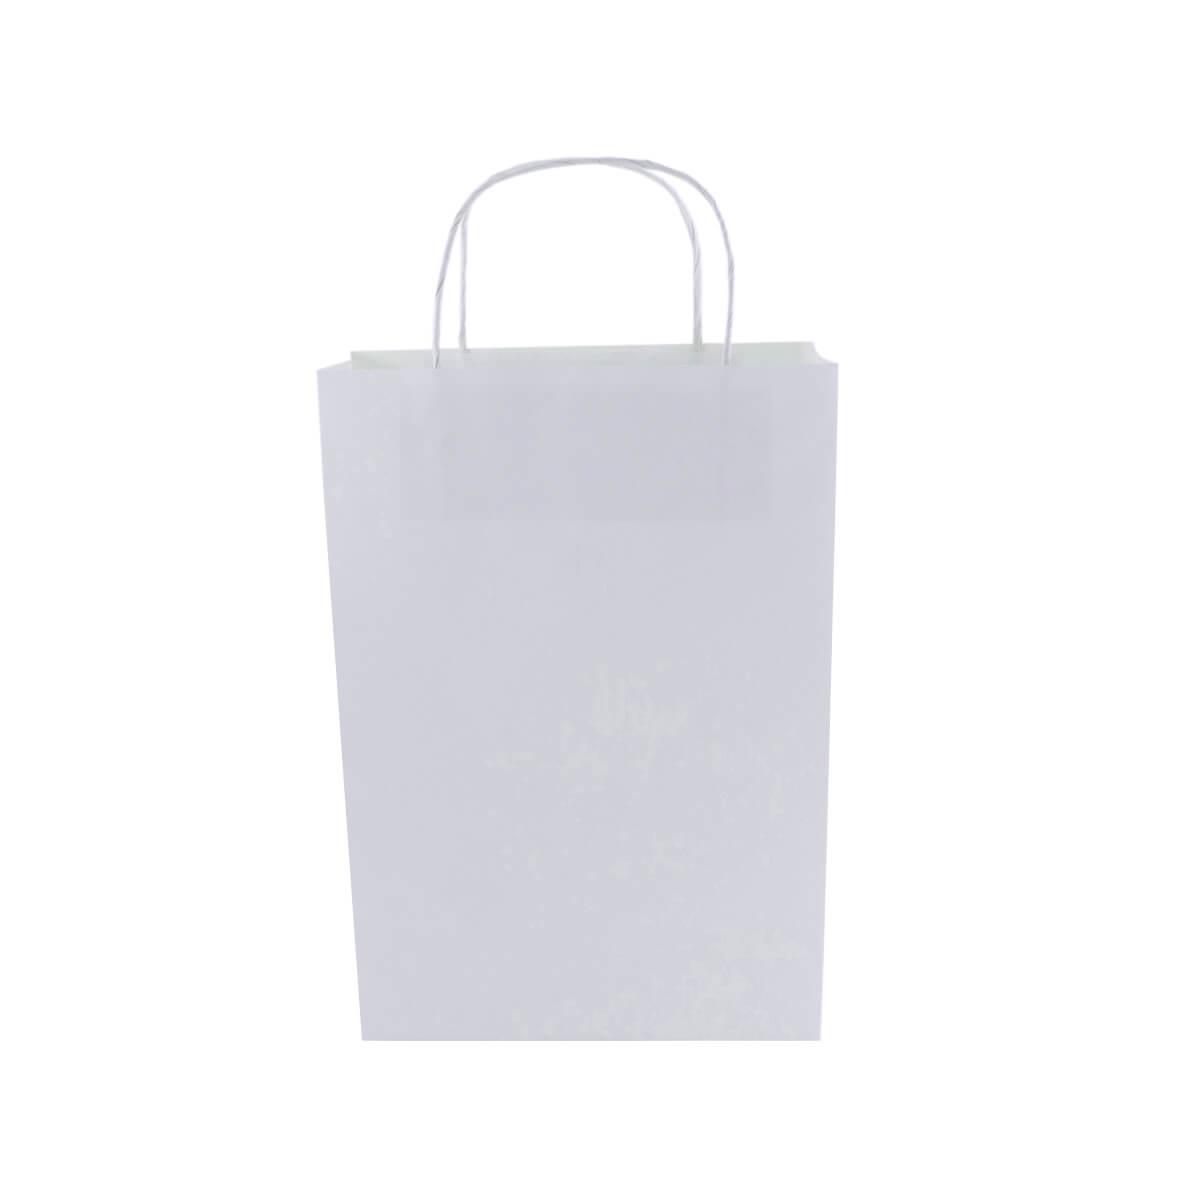 Sacola Branca Pequena 26x18x9  - 150 Unidades